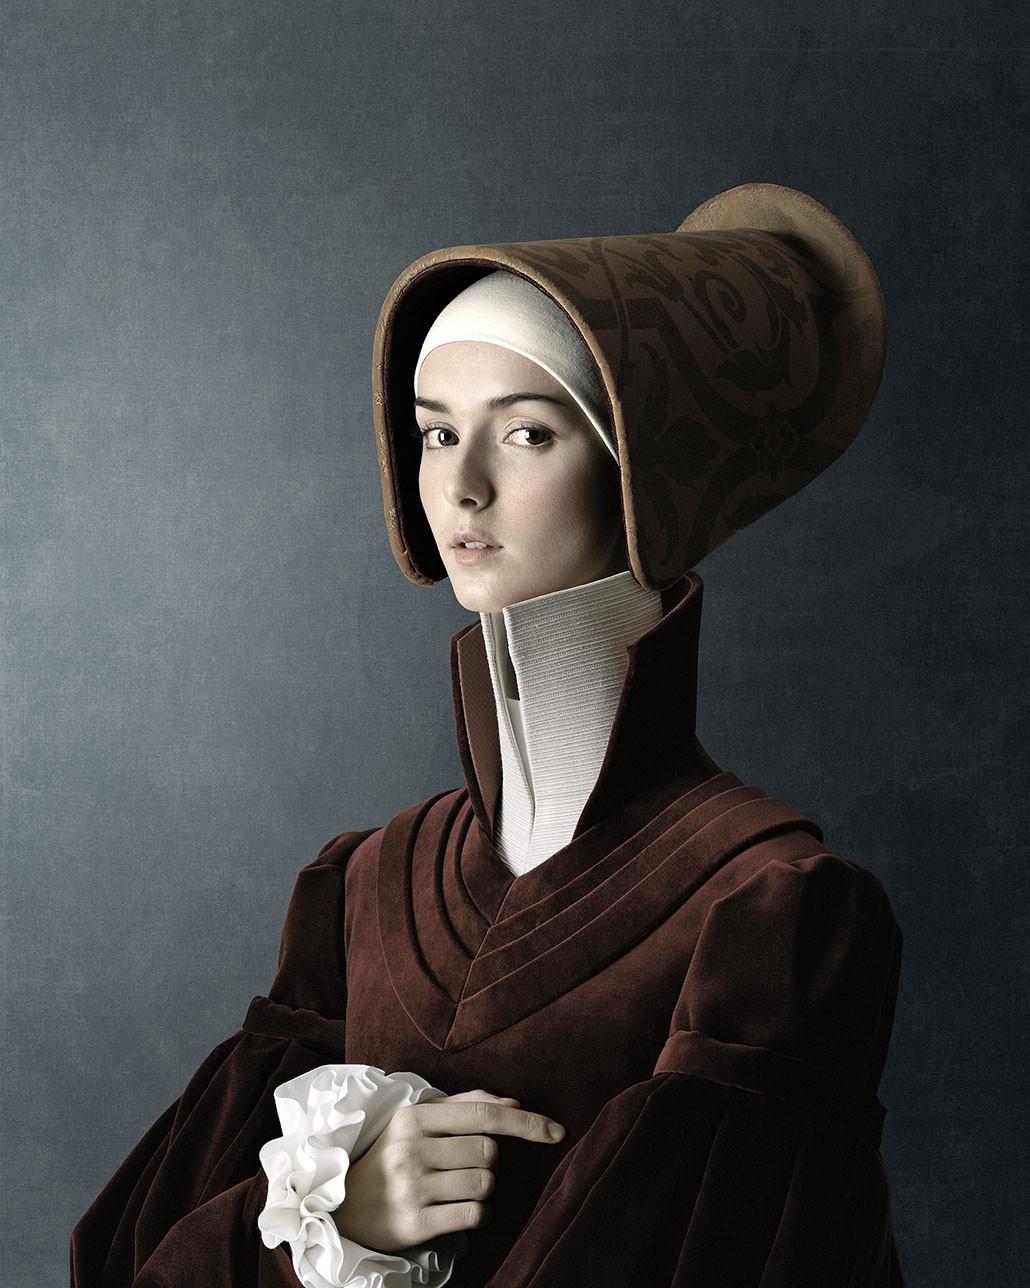 1503-christian-tagliavini-09